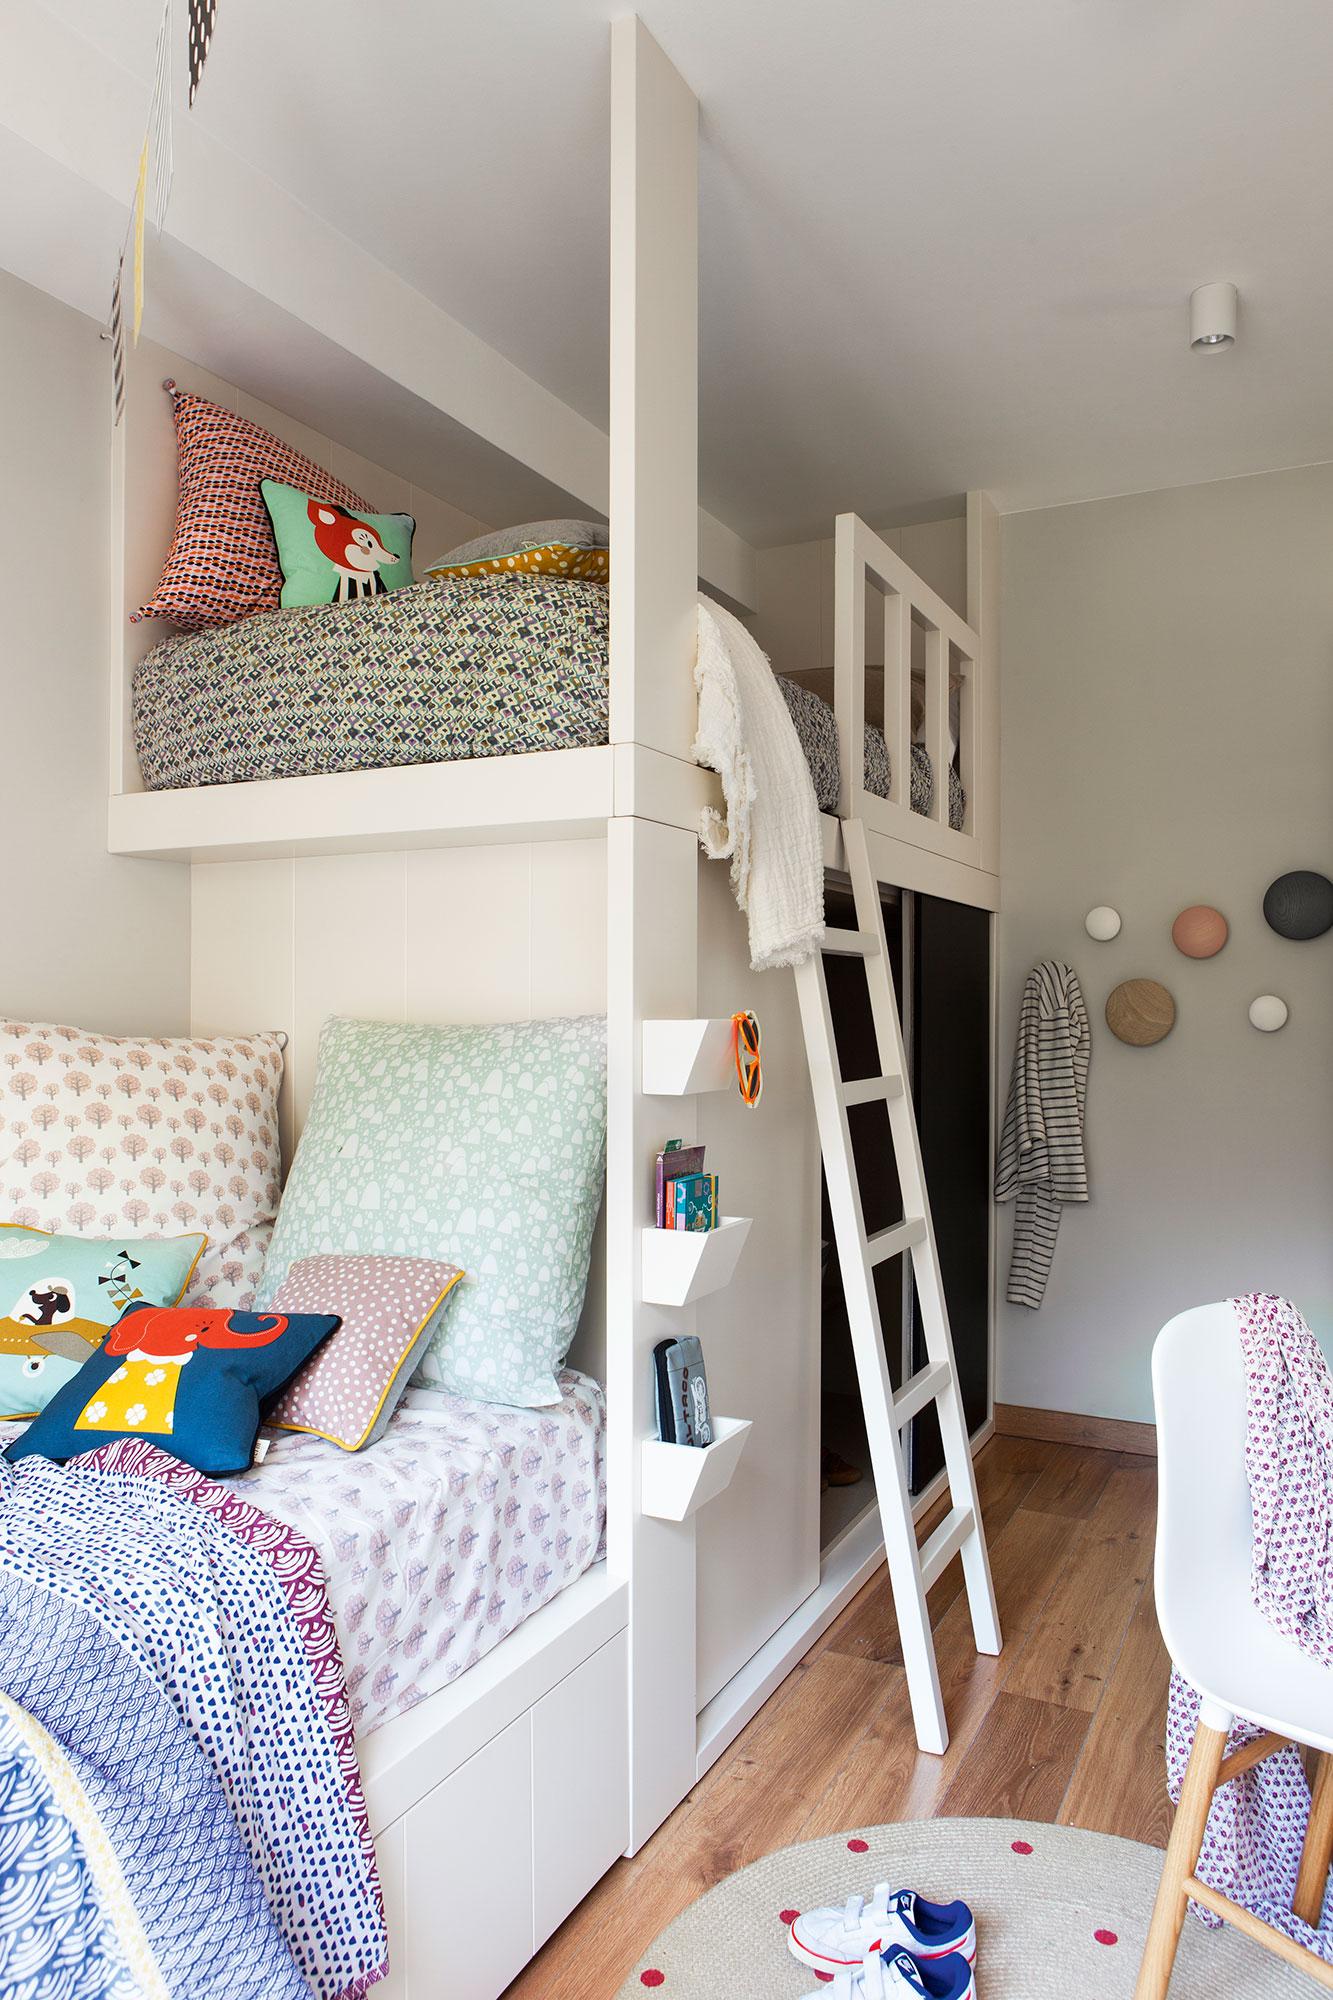 Dormitorios infantiles 7 buenas ideas para compartir - Habitaciones infantiles tren ...